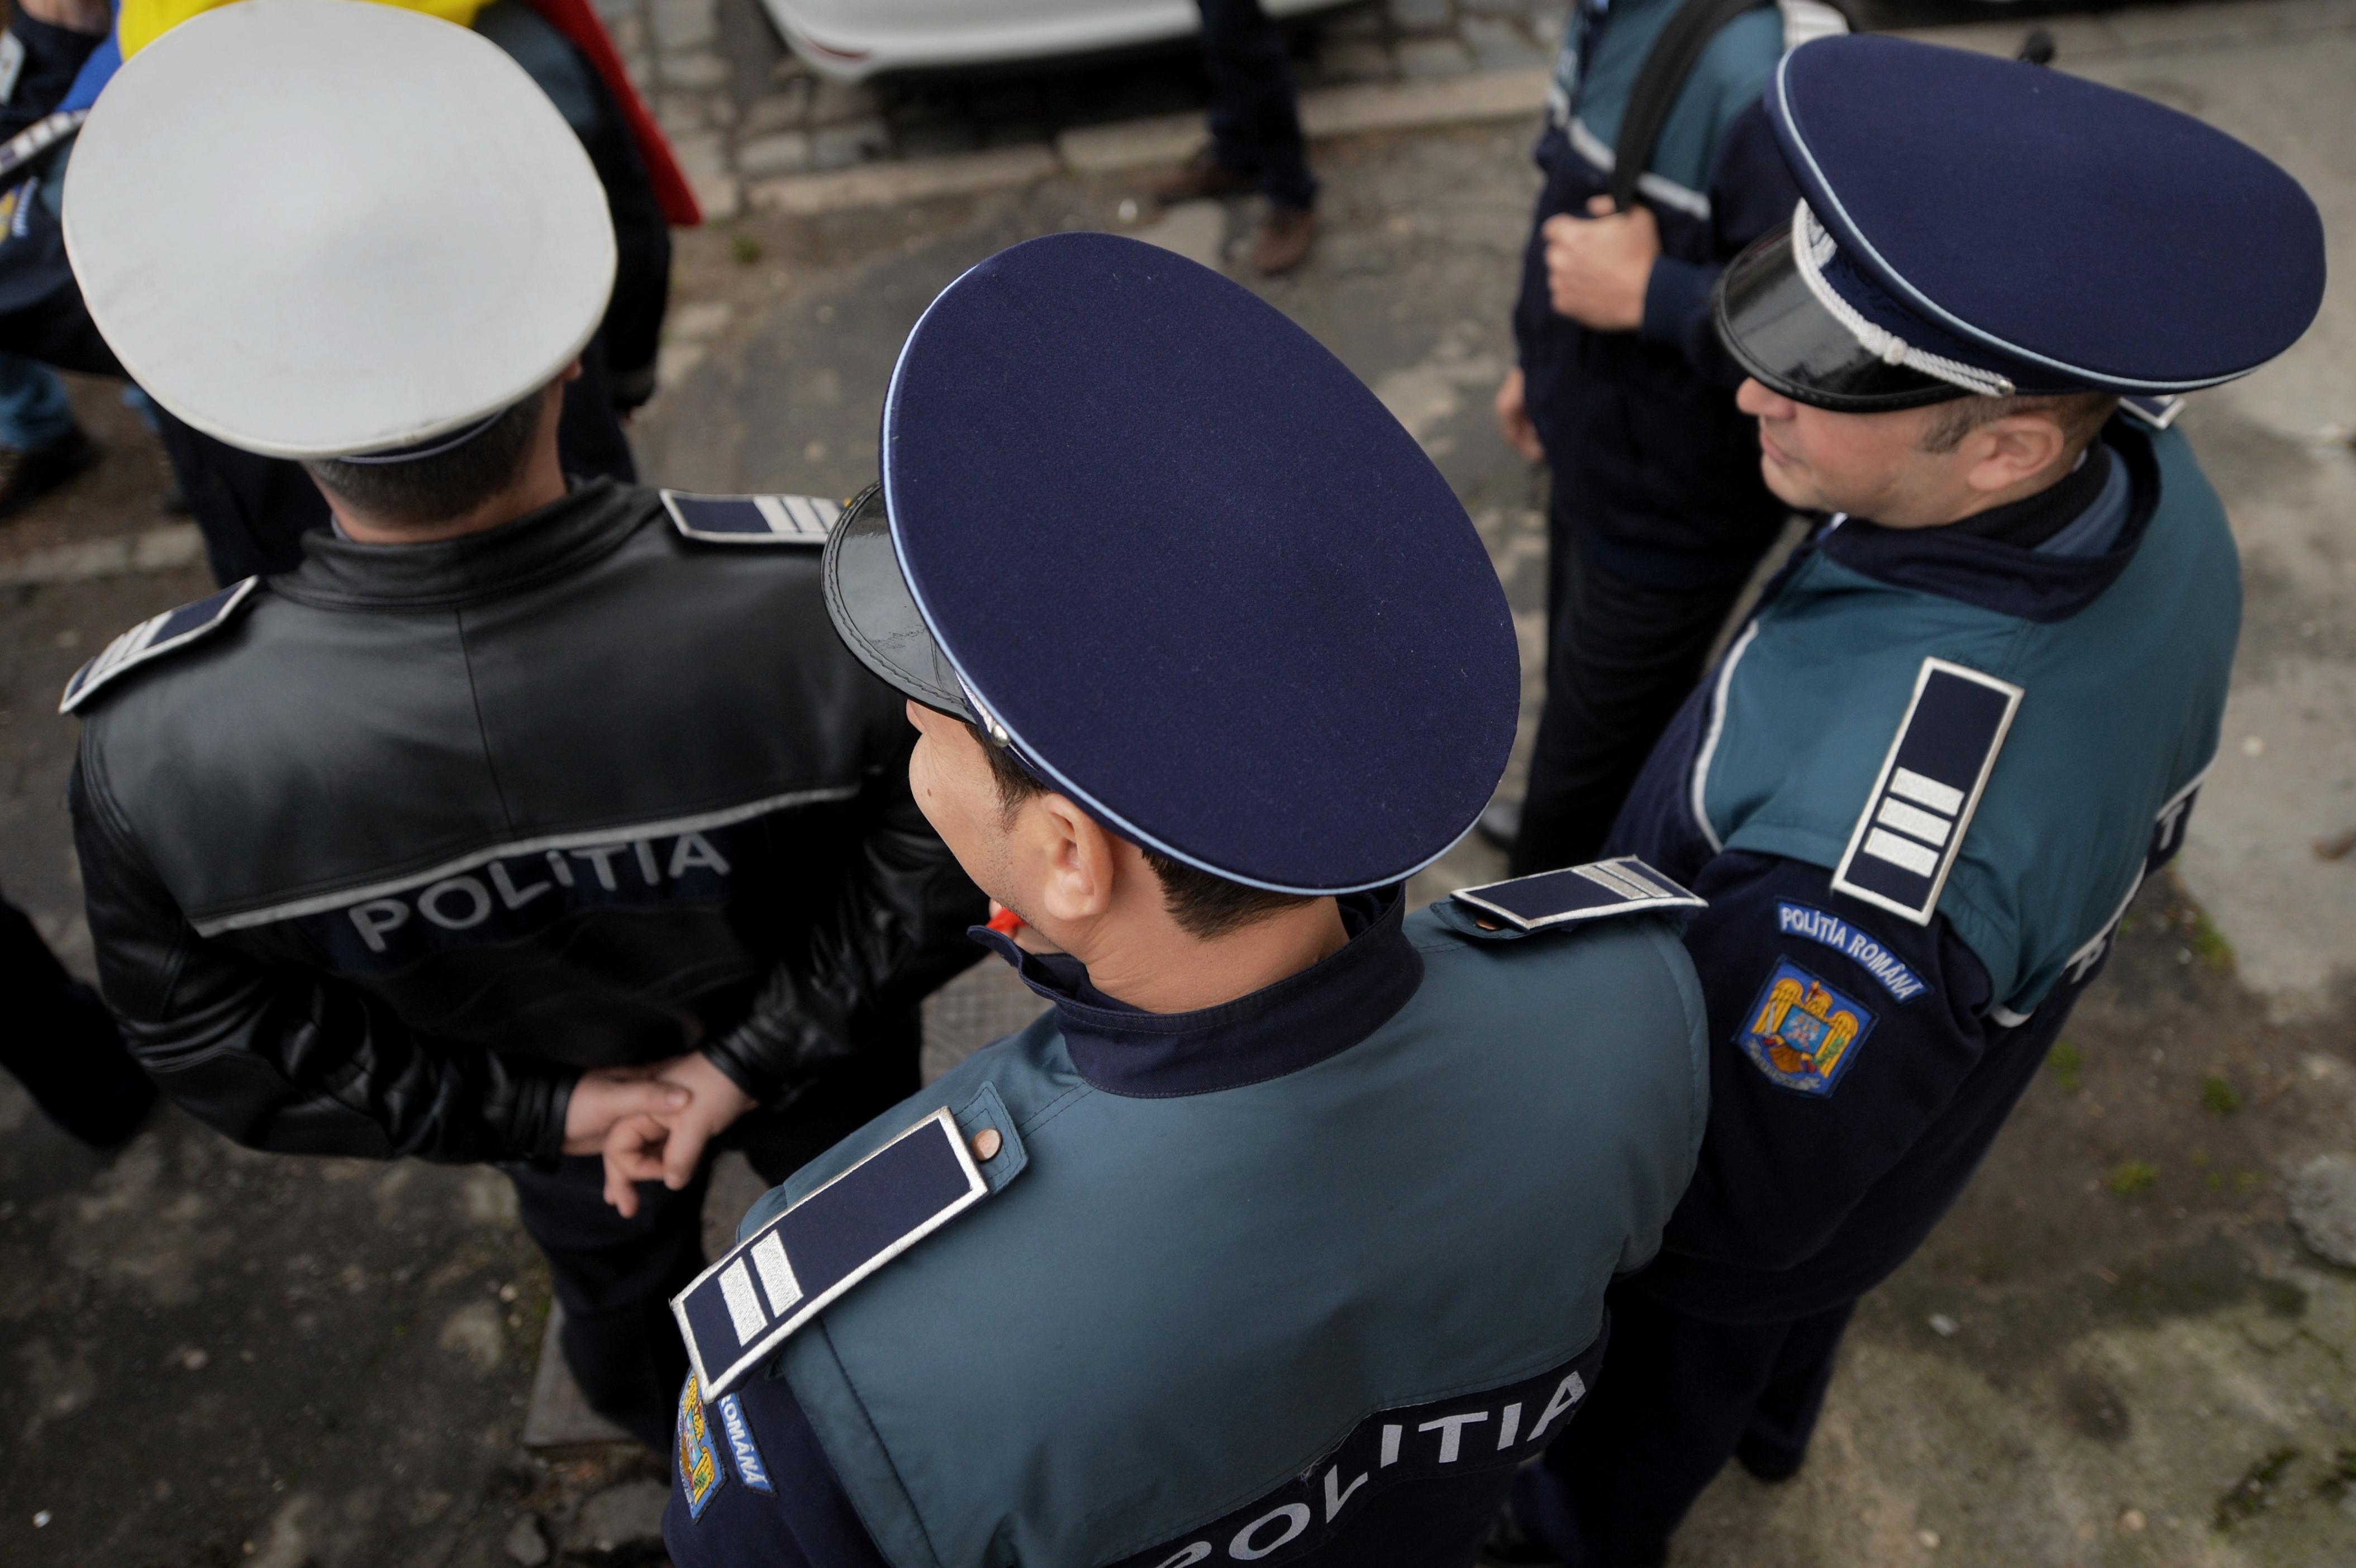 Pachet legislativ care protejează poliţiştii, lansat în dezbatere publică de Ministerul de Interne / Ce se va întâmpla la refuzul unui cetăţean de a se legitima sau de a se prezenta la Poliţie, când există o solicitare legală